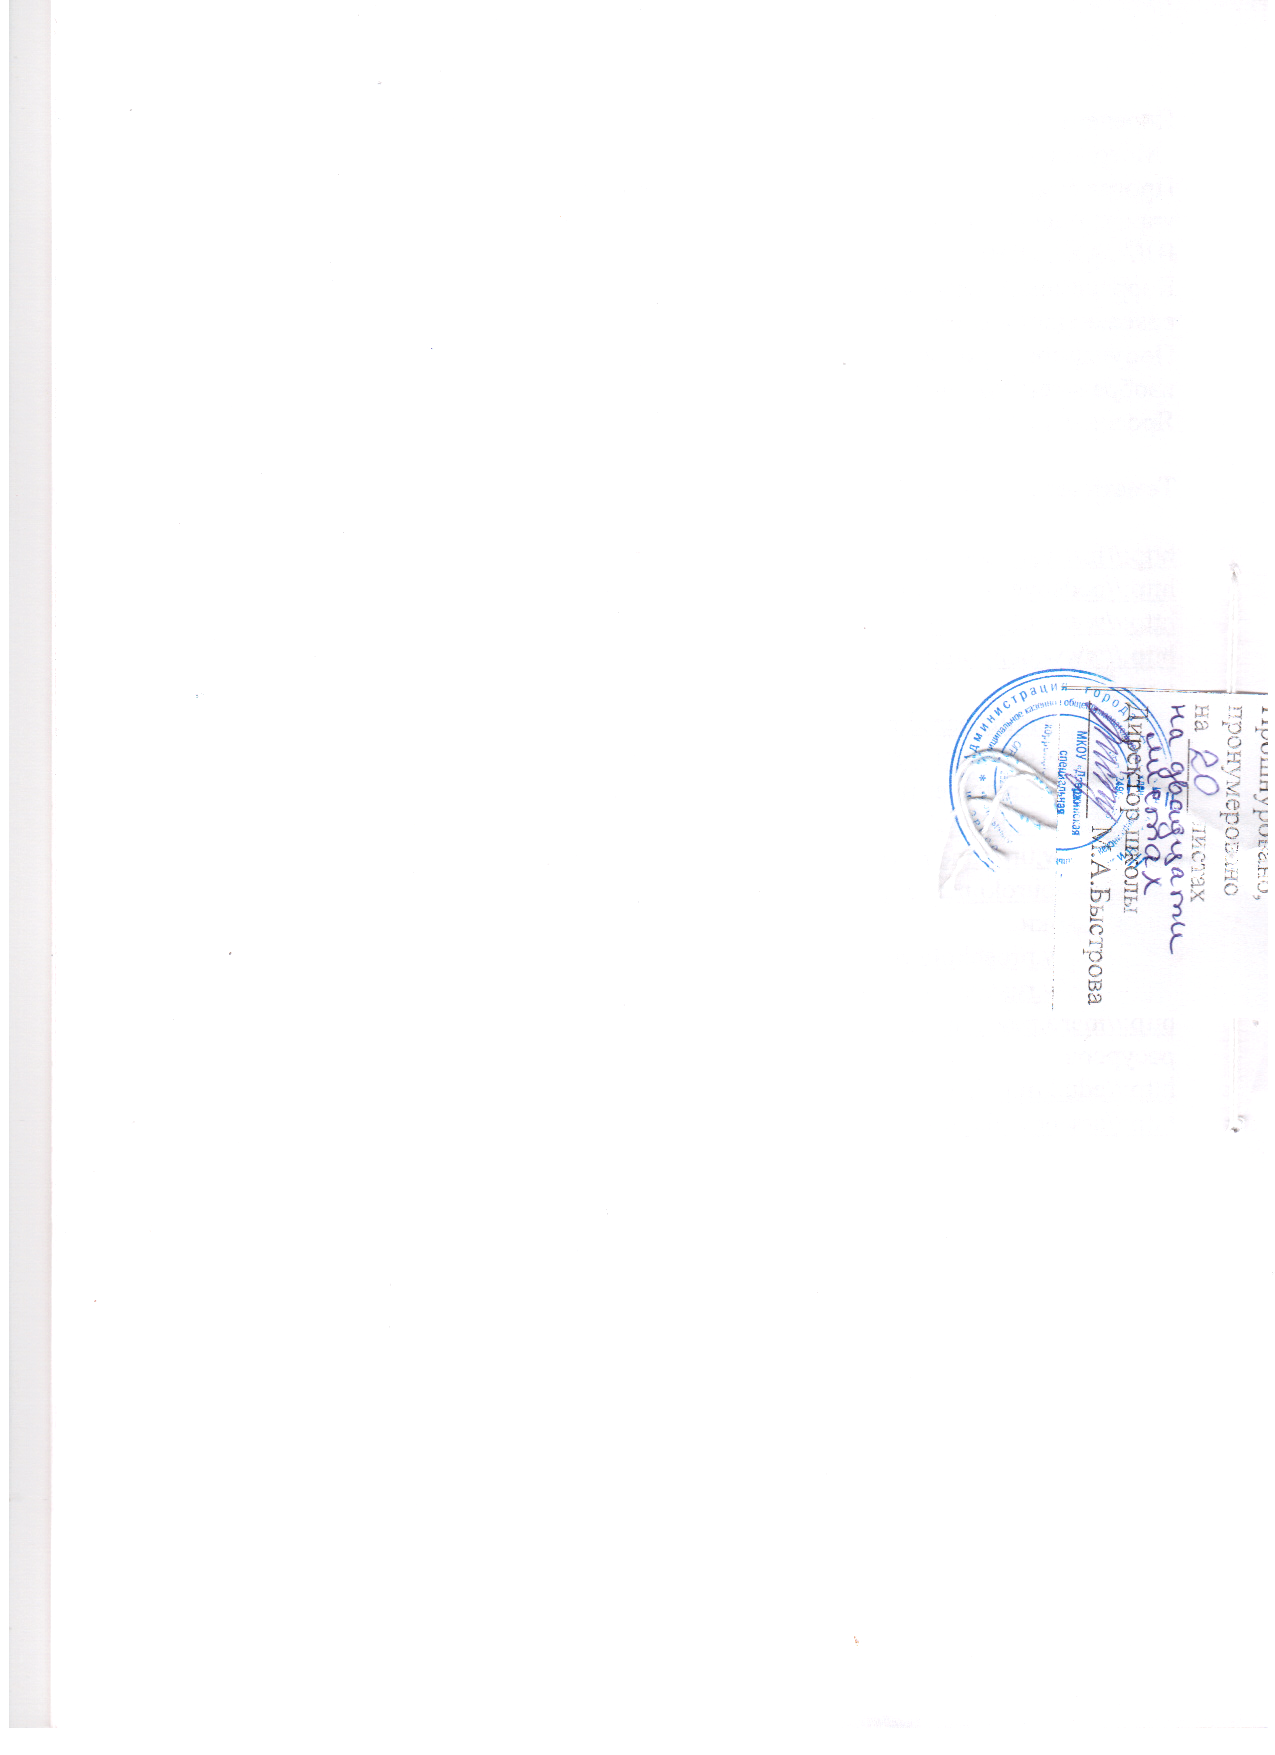 Румянцева-изоГУО2.bmp